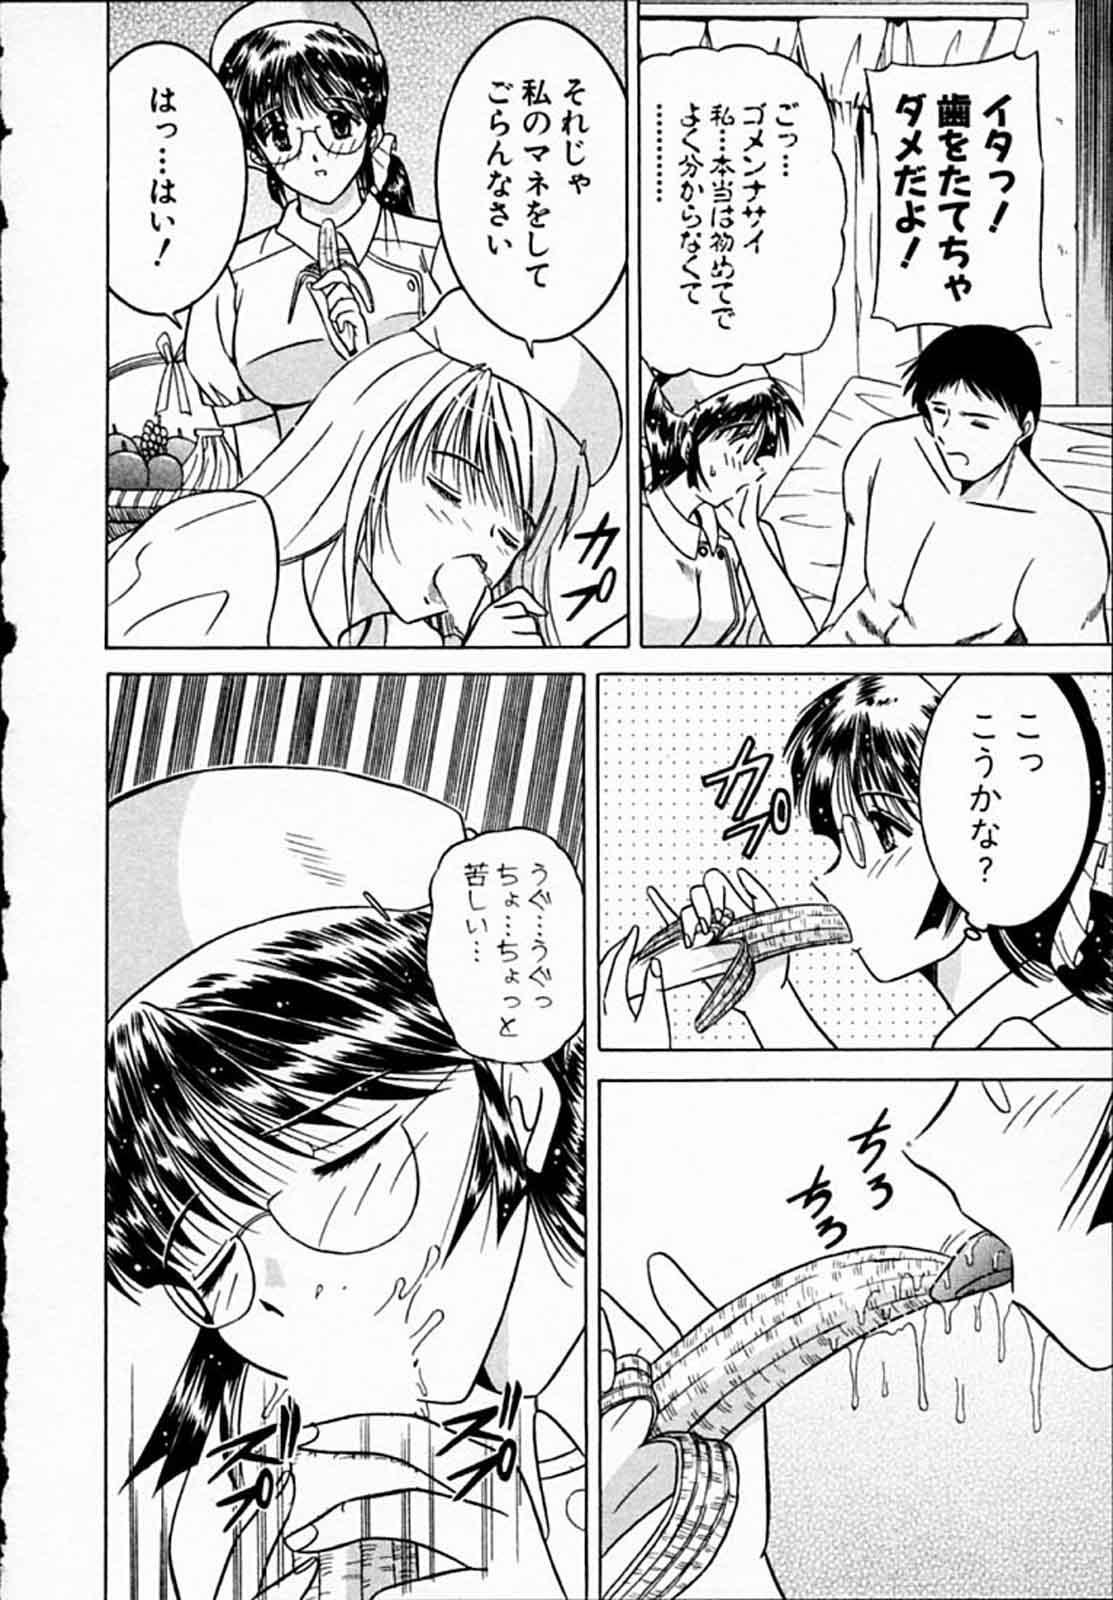 Hiyokko Nurse! 158